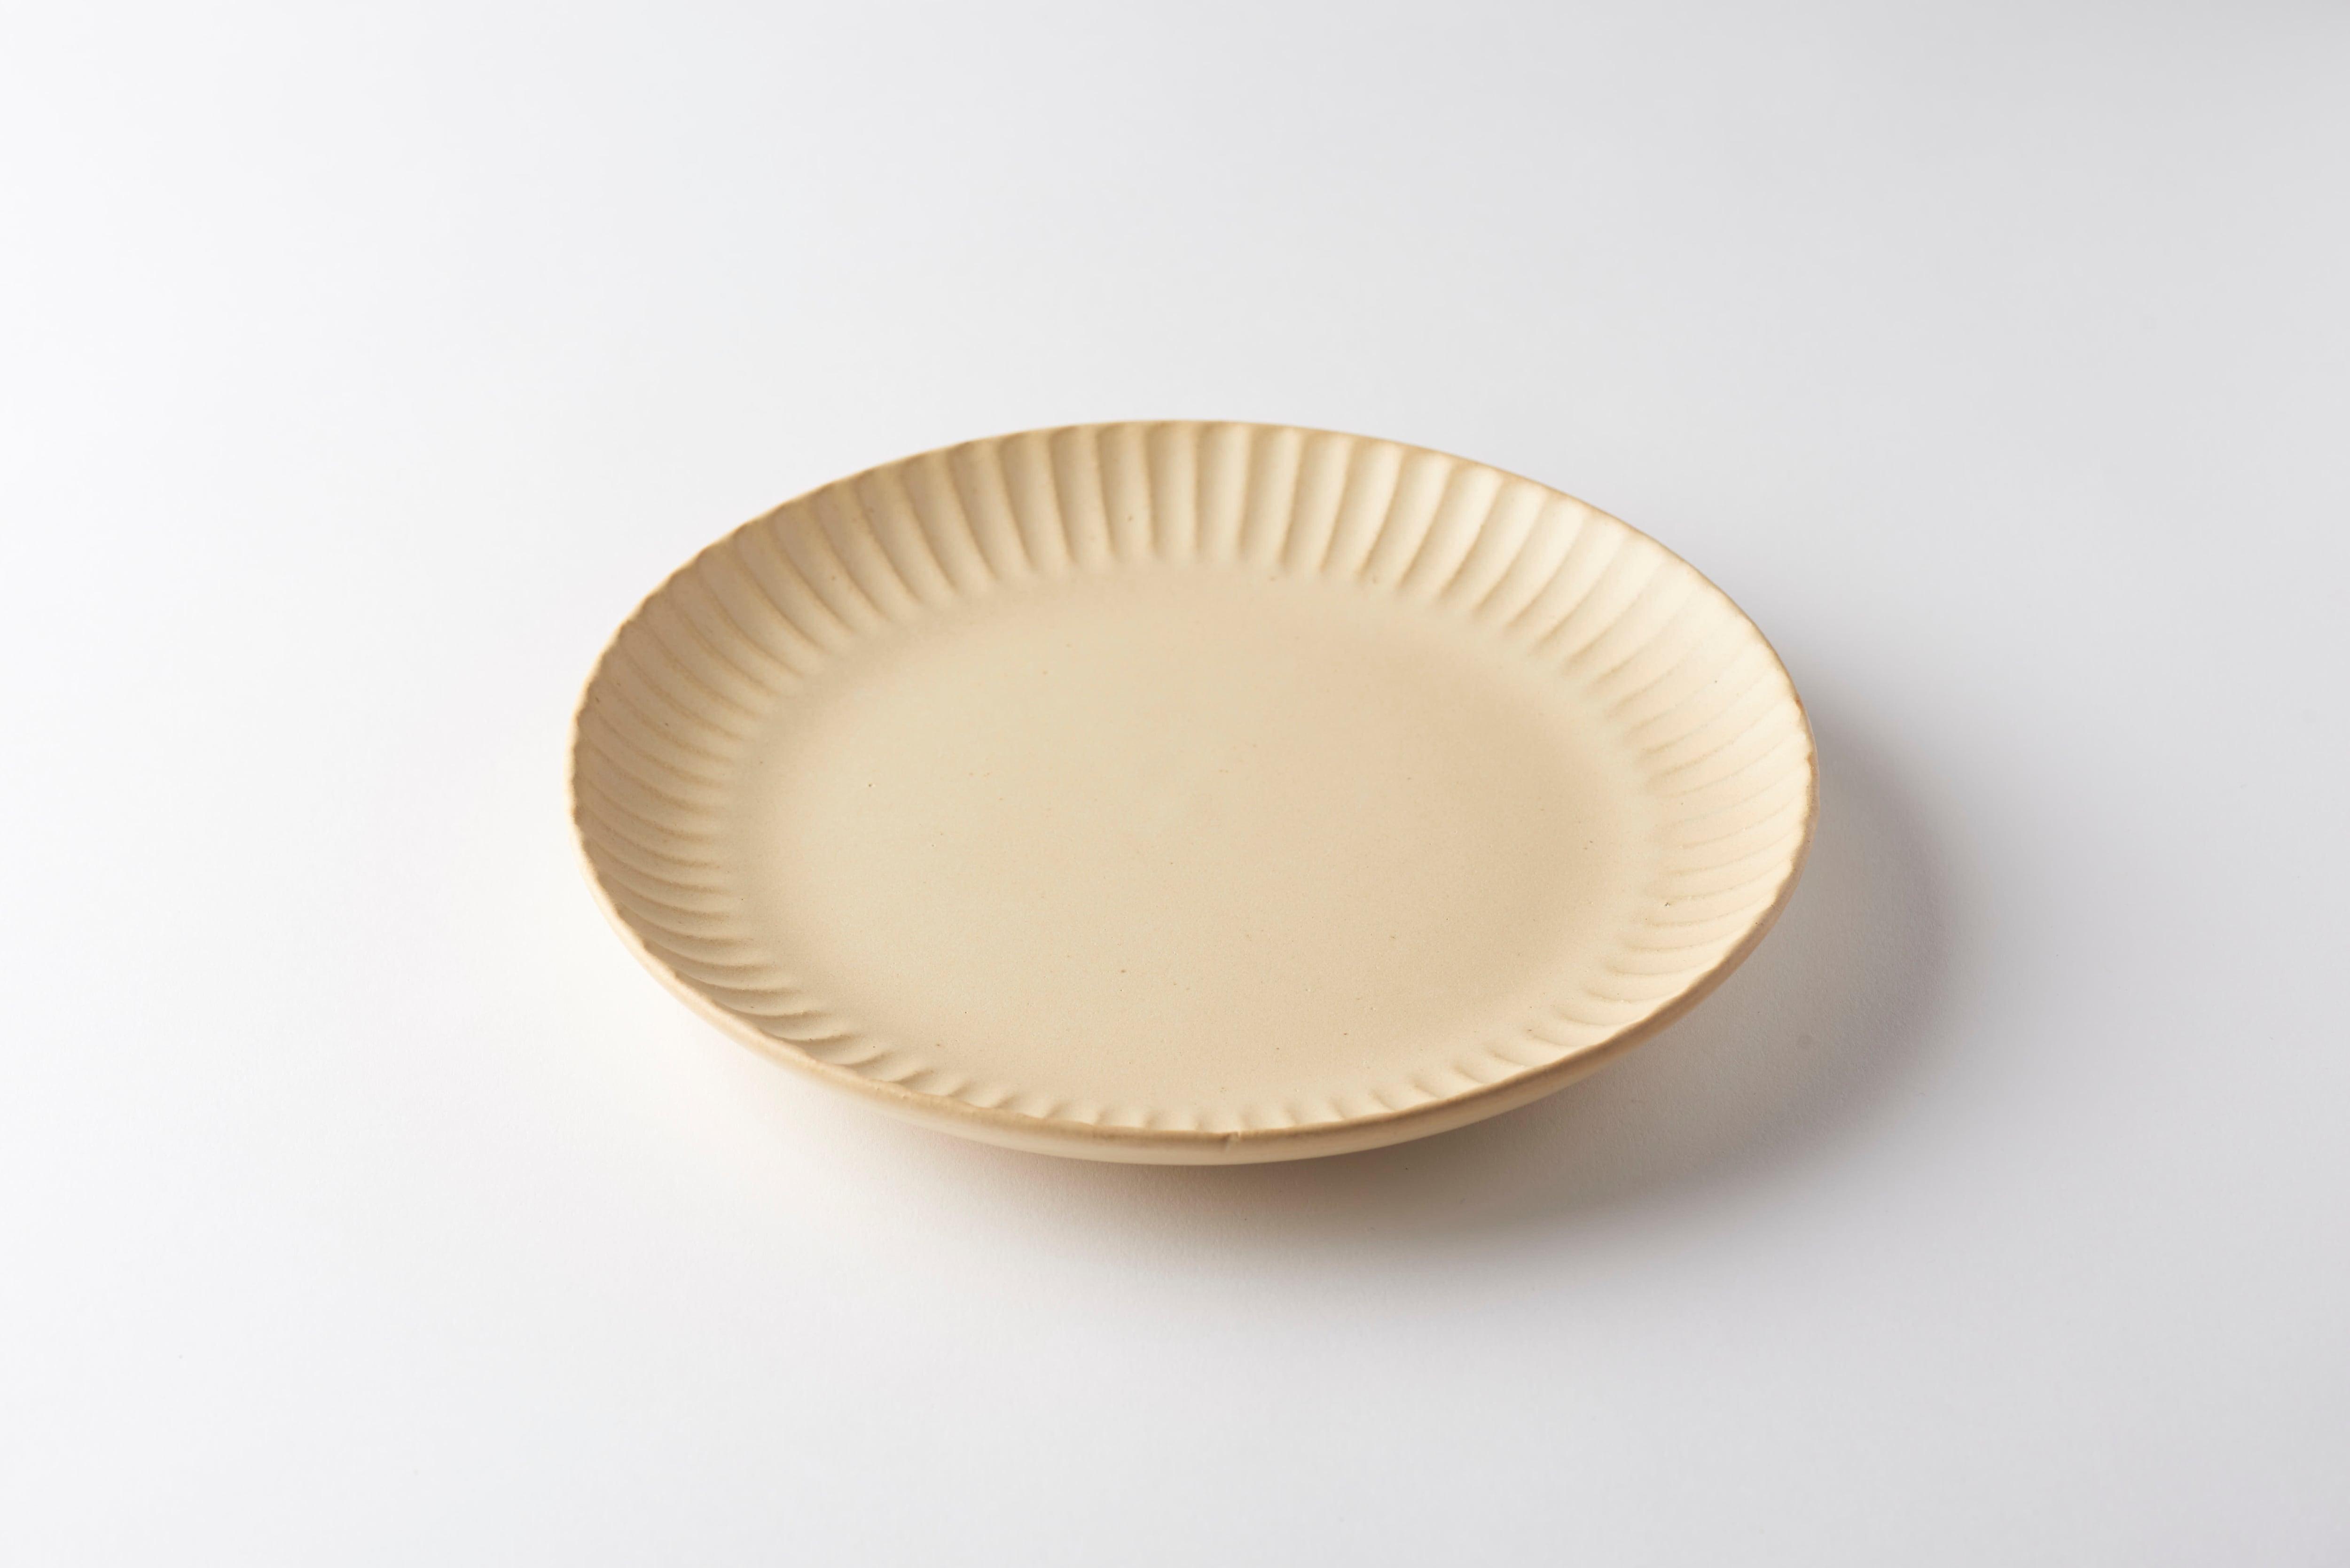 太しのぎ7寸皿(クリーム)